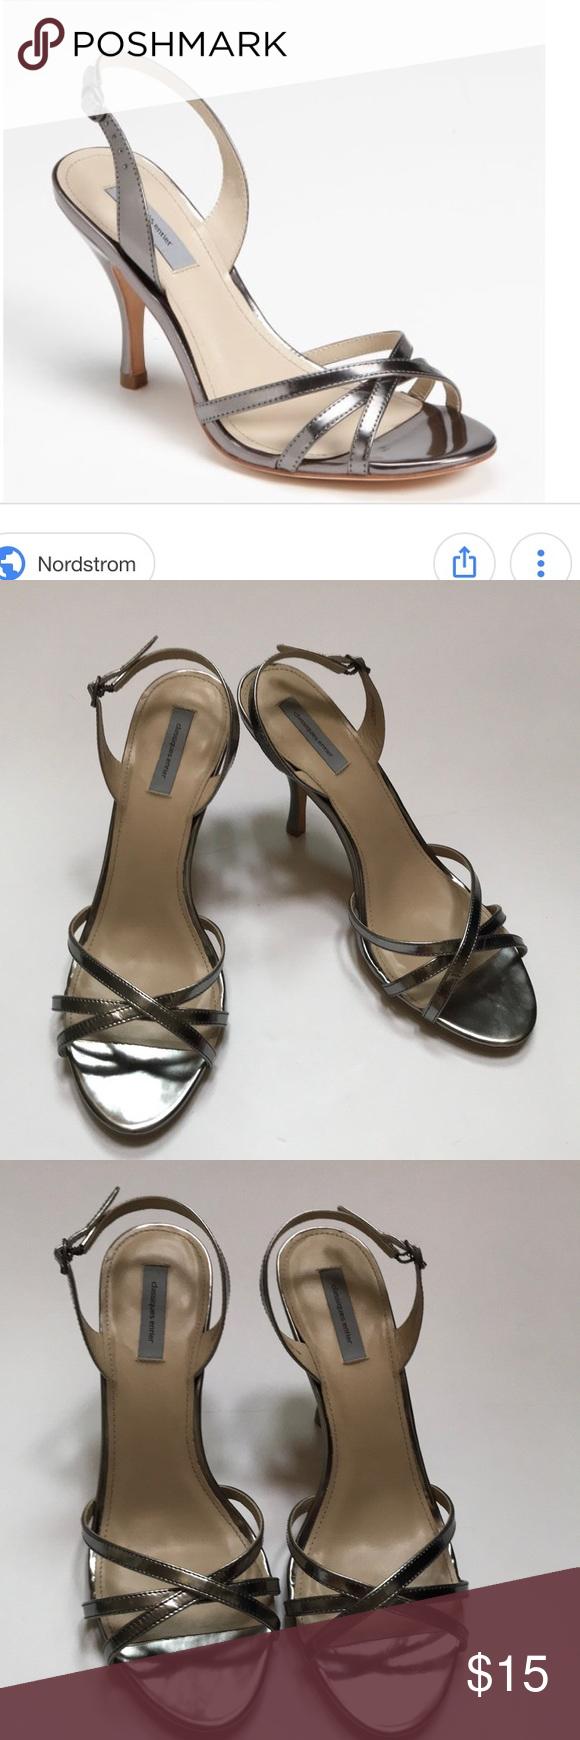 75cb63e49ed7e9 Classique Entier Dani Silver Heels Classique Entier Dani strappy Sandals  size 10.5. Excellent preloved condition